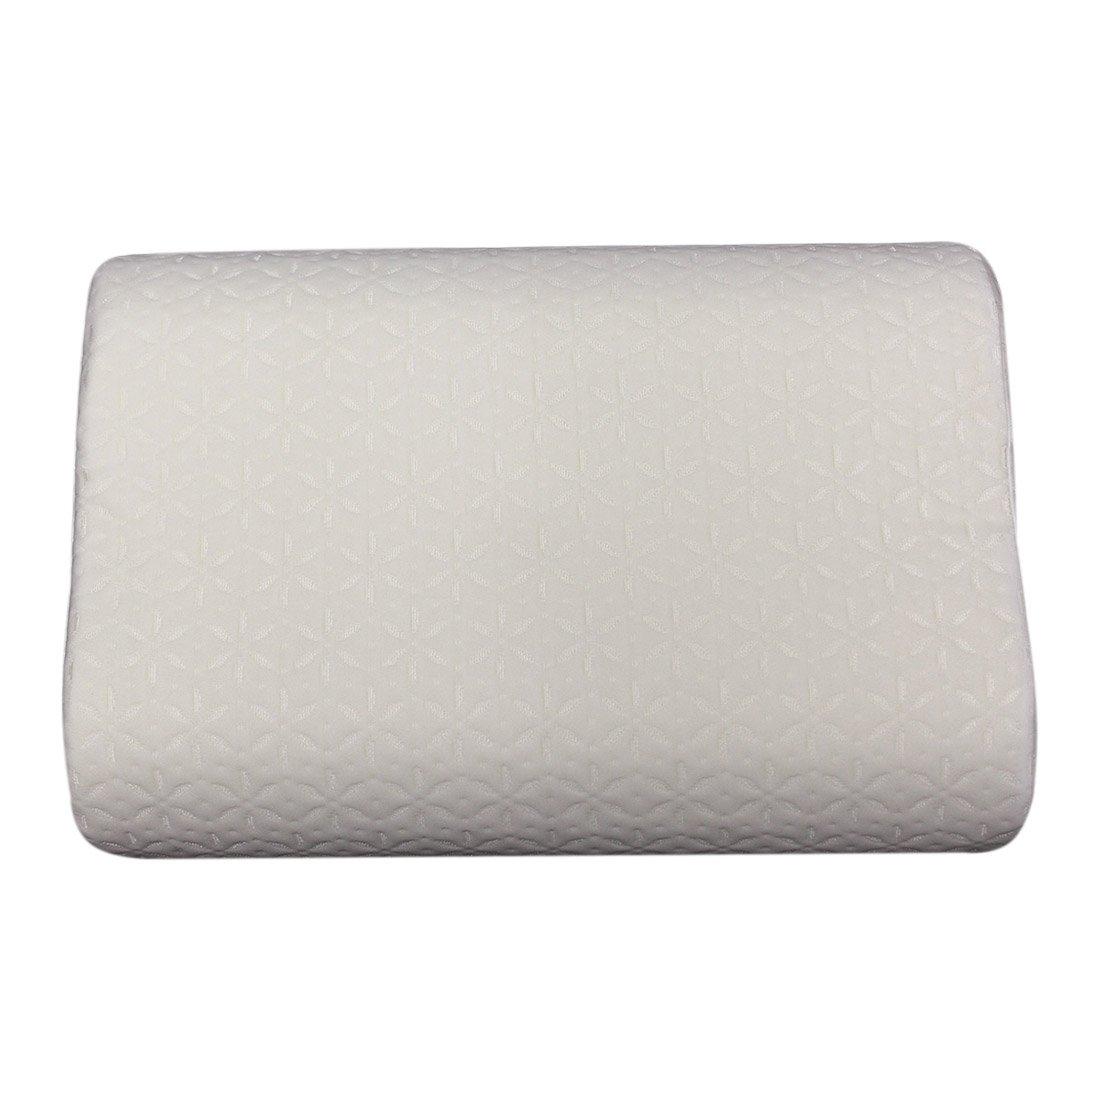 EcoSapiens Memory ортопедическая подушка с эффектом памяти (50 * 32 * 10 см)